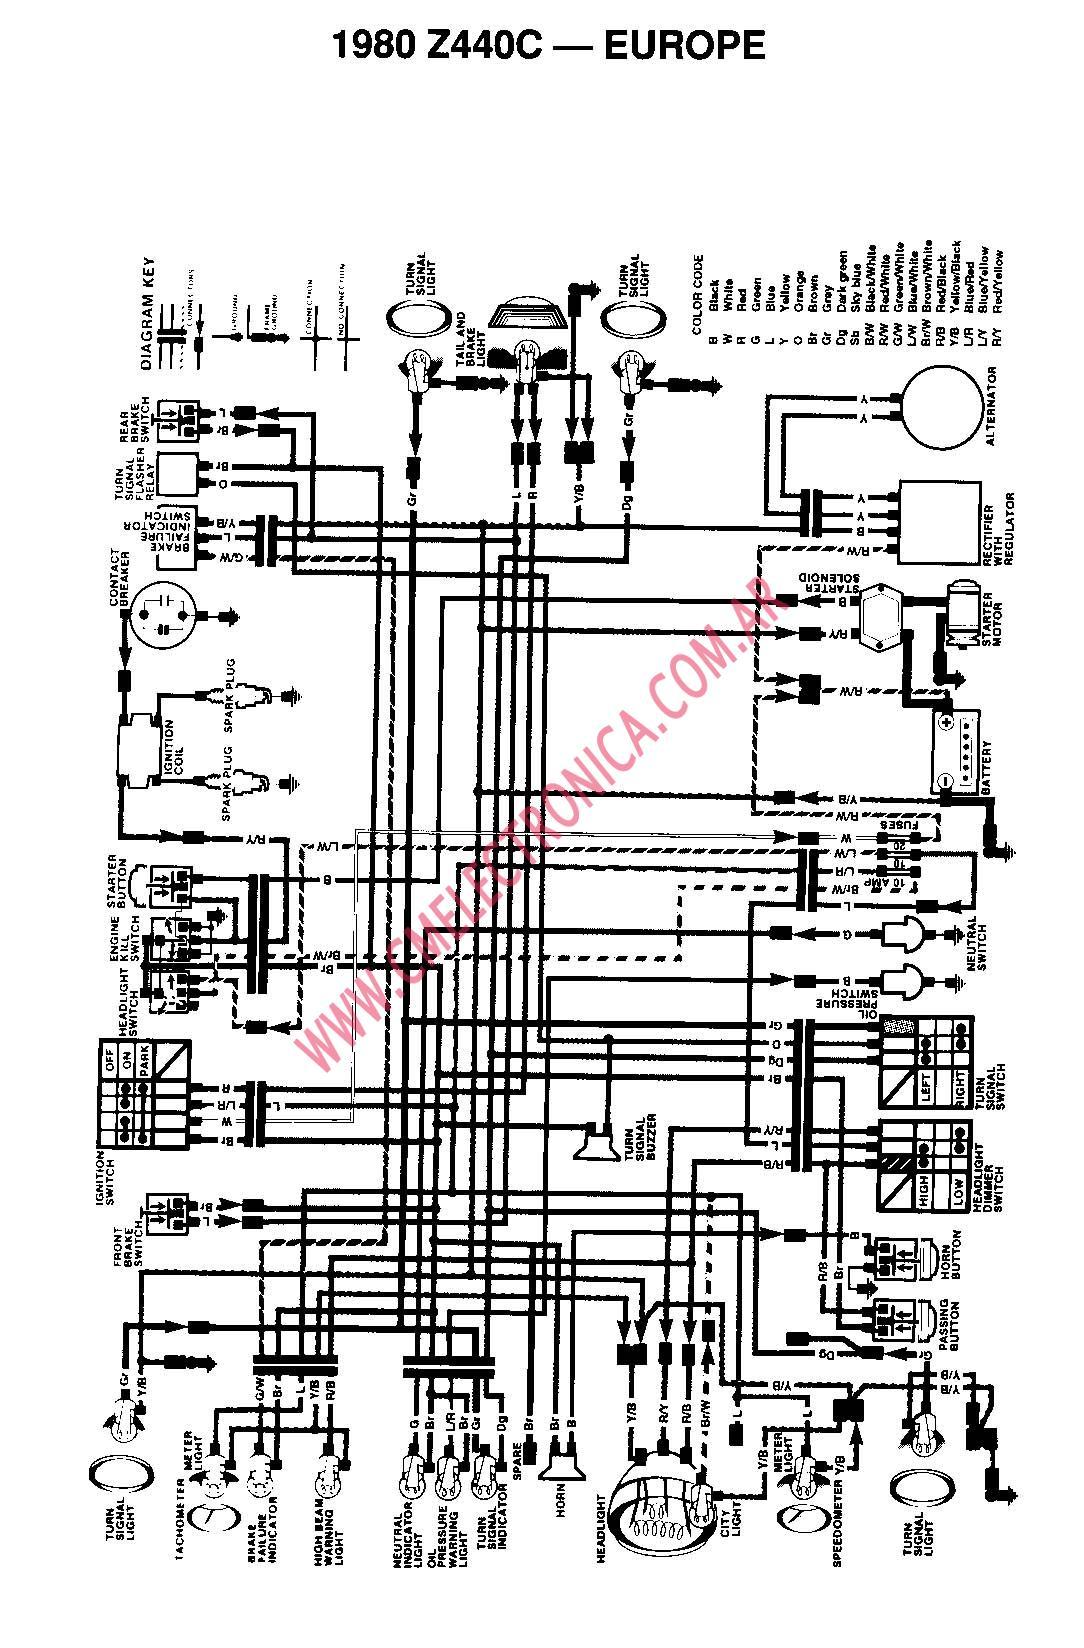 honda motocicletas auto electrical wiring diagramdiagrama kawasaki z440c